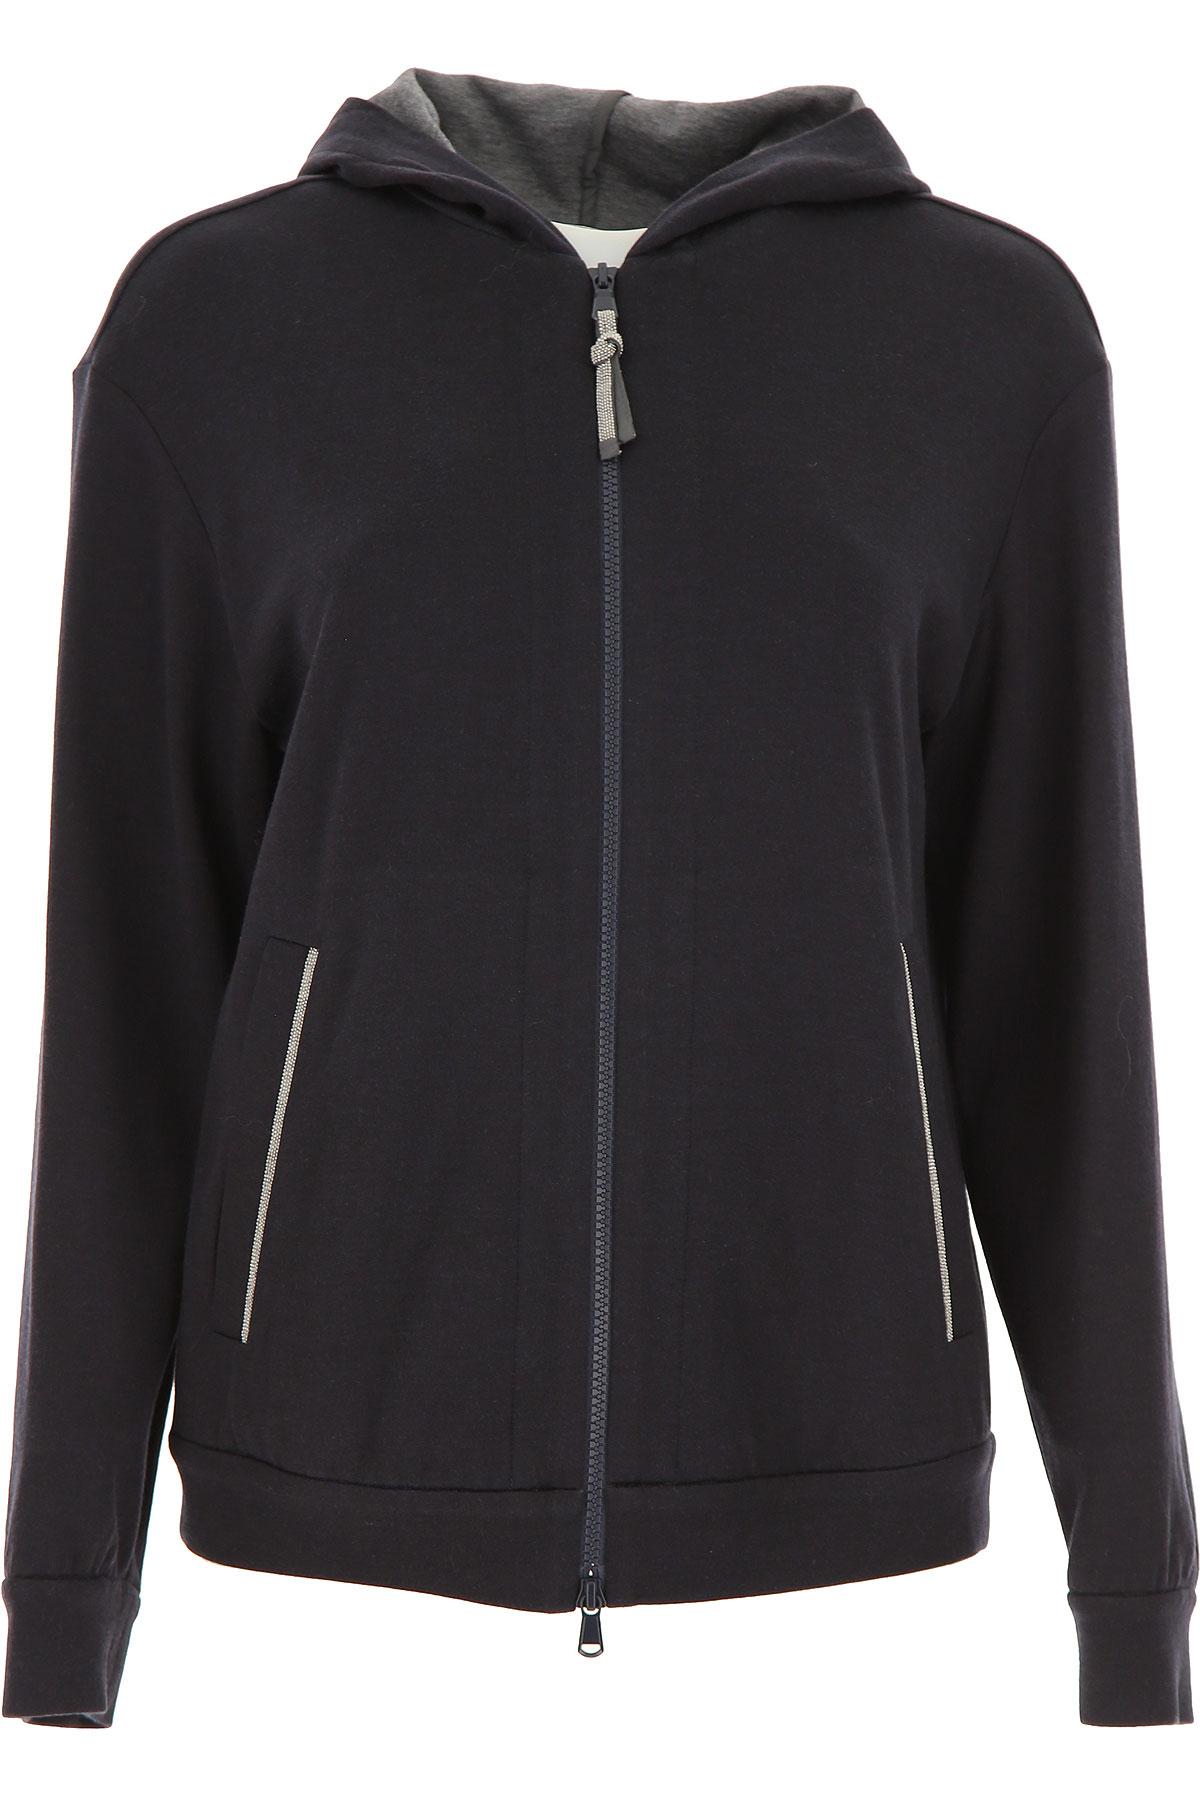 Brunello Cucinelli Sweatshirt for Women On Sale, Dark Blue, Cotton, 2019, 10 8